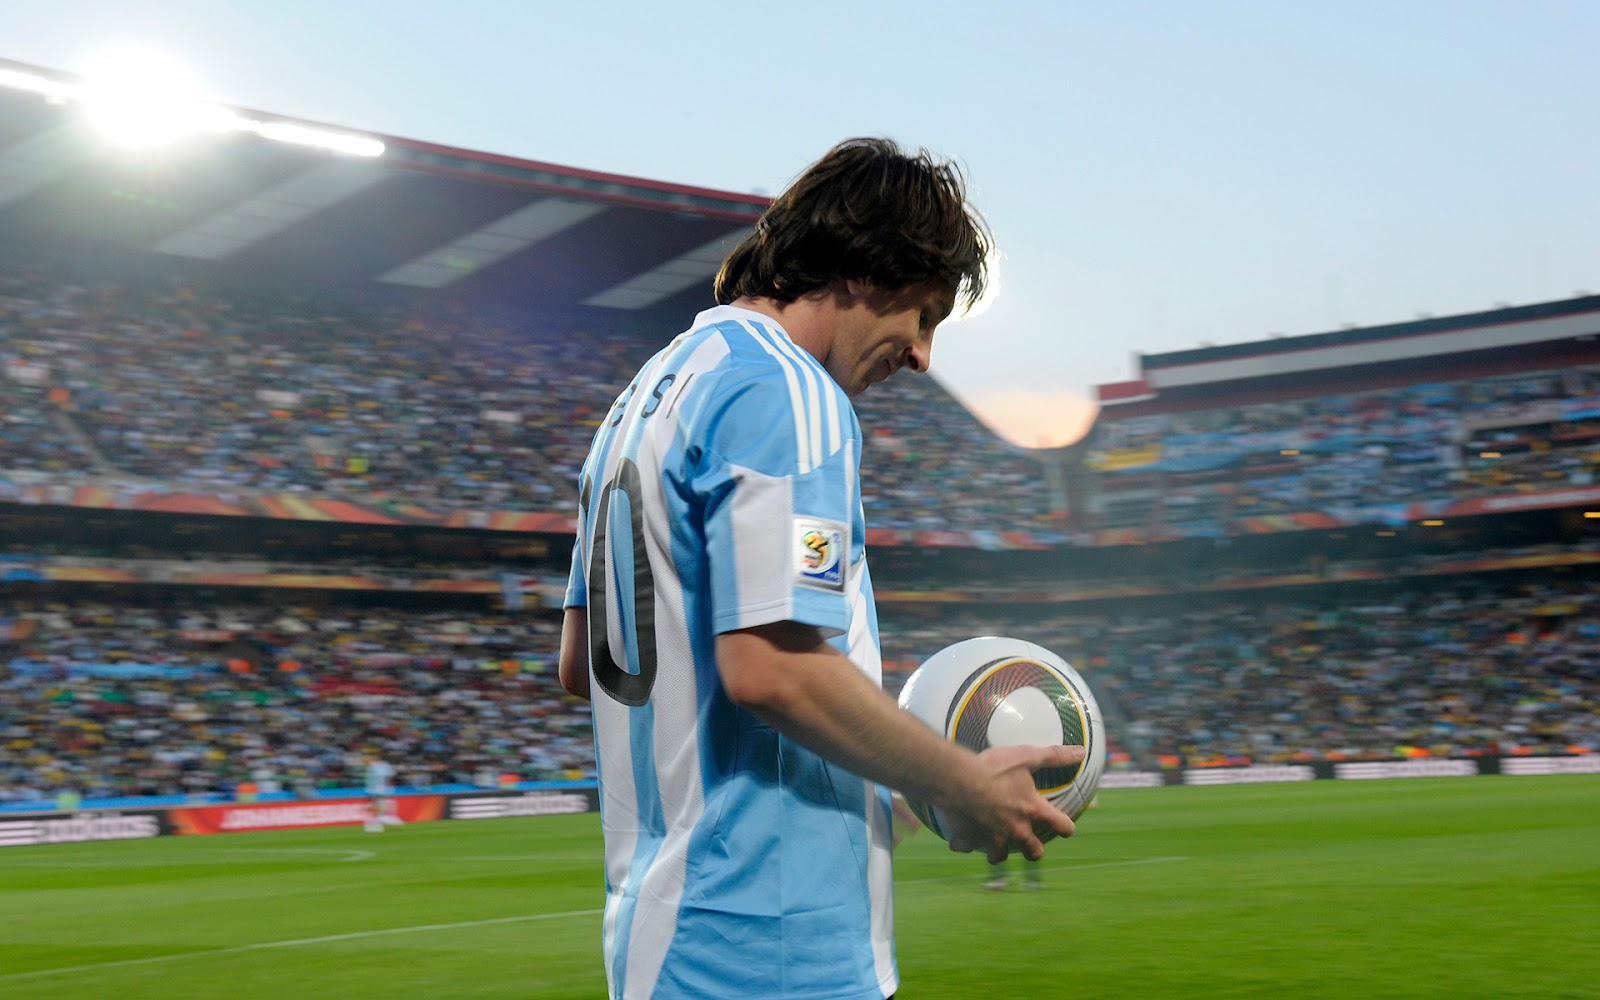 http://2.bp.blogspot.com/-vpthycFFvaM/T0Ck8wFQHrI/AAAAAAAAAxg/TOYS6pZ5tNs/s1600/messi+in+argentina+costume.jpg